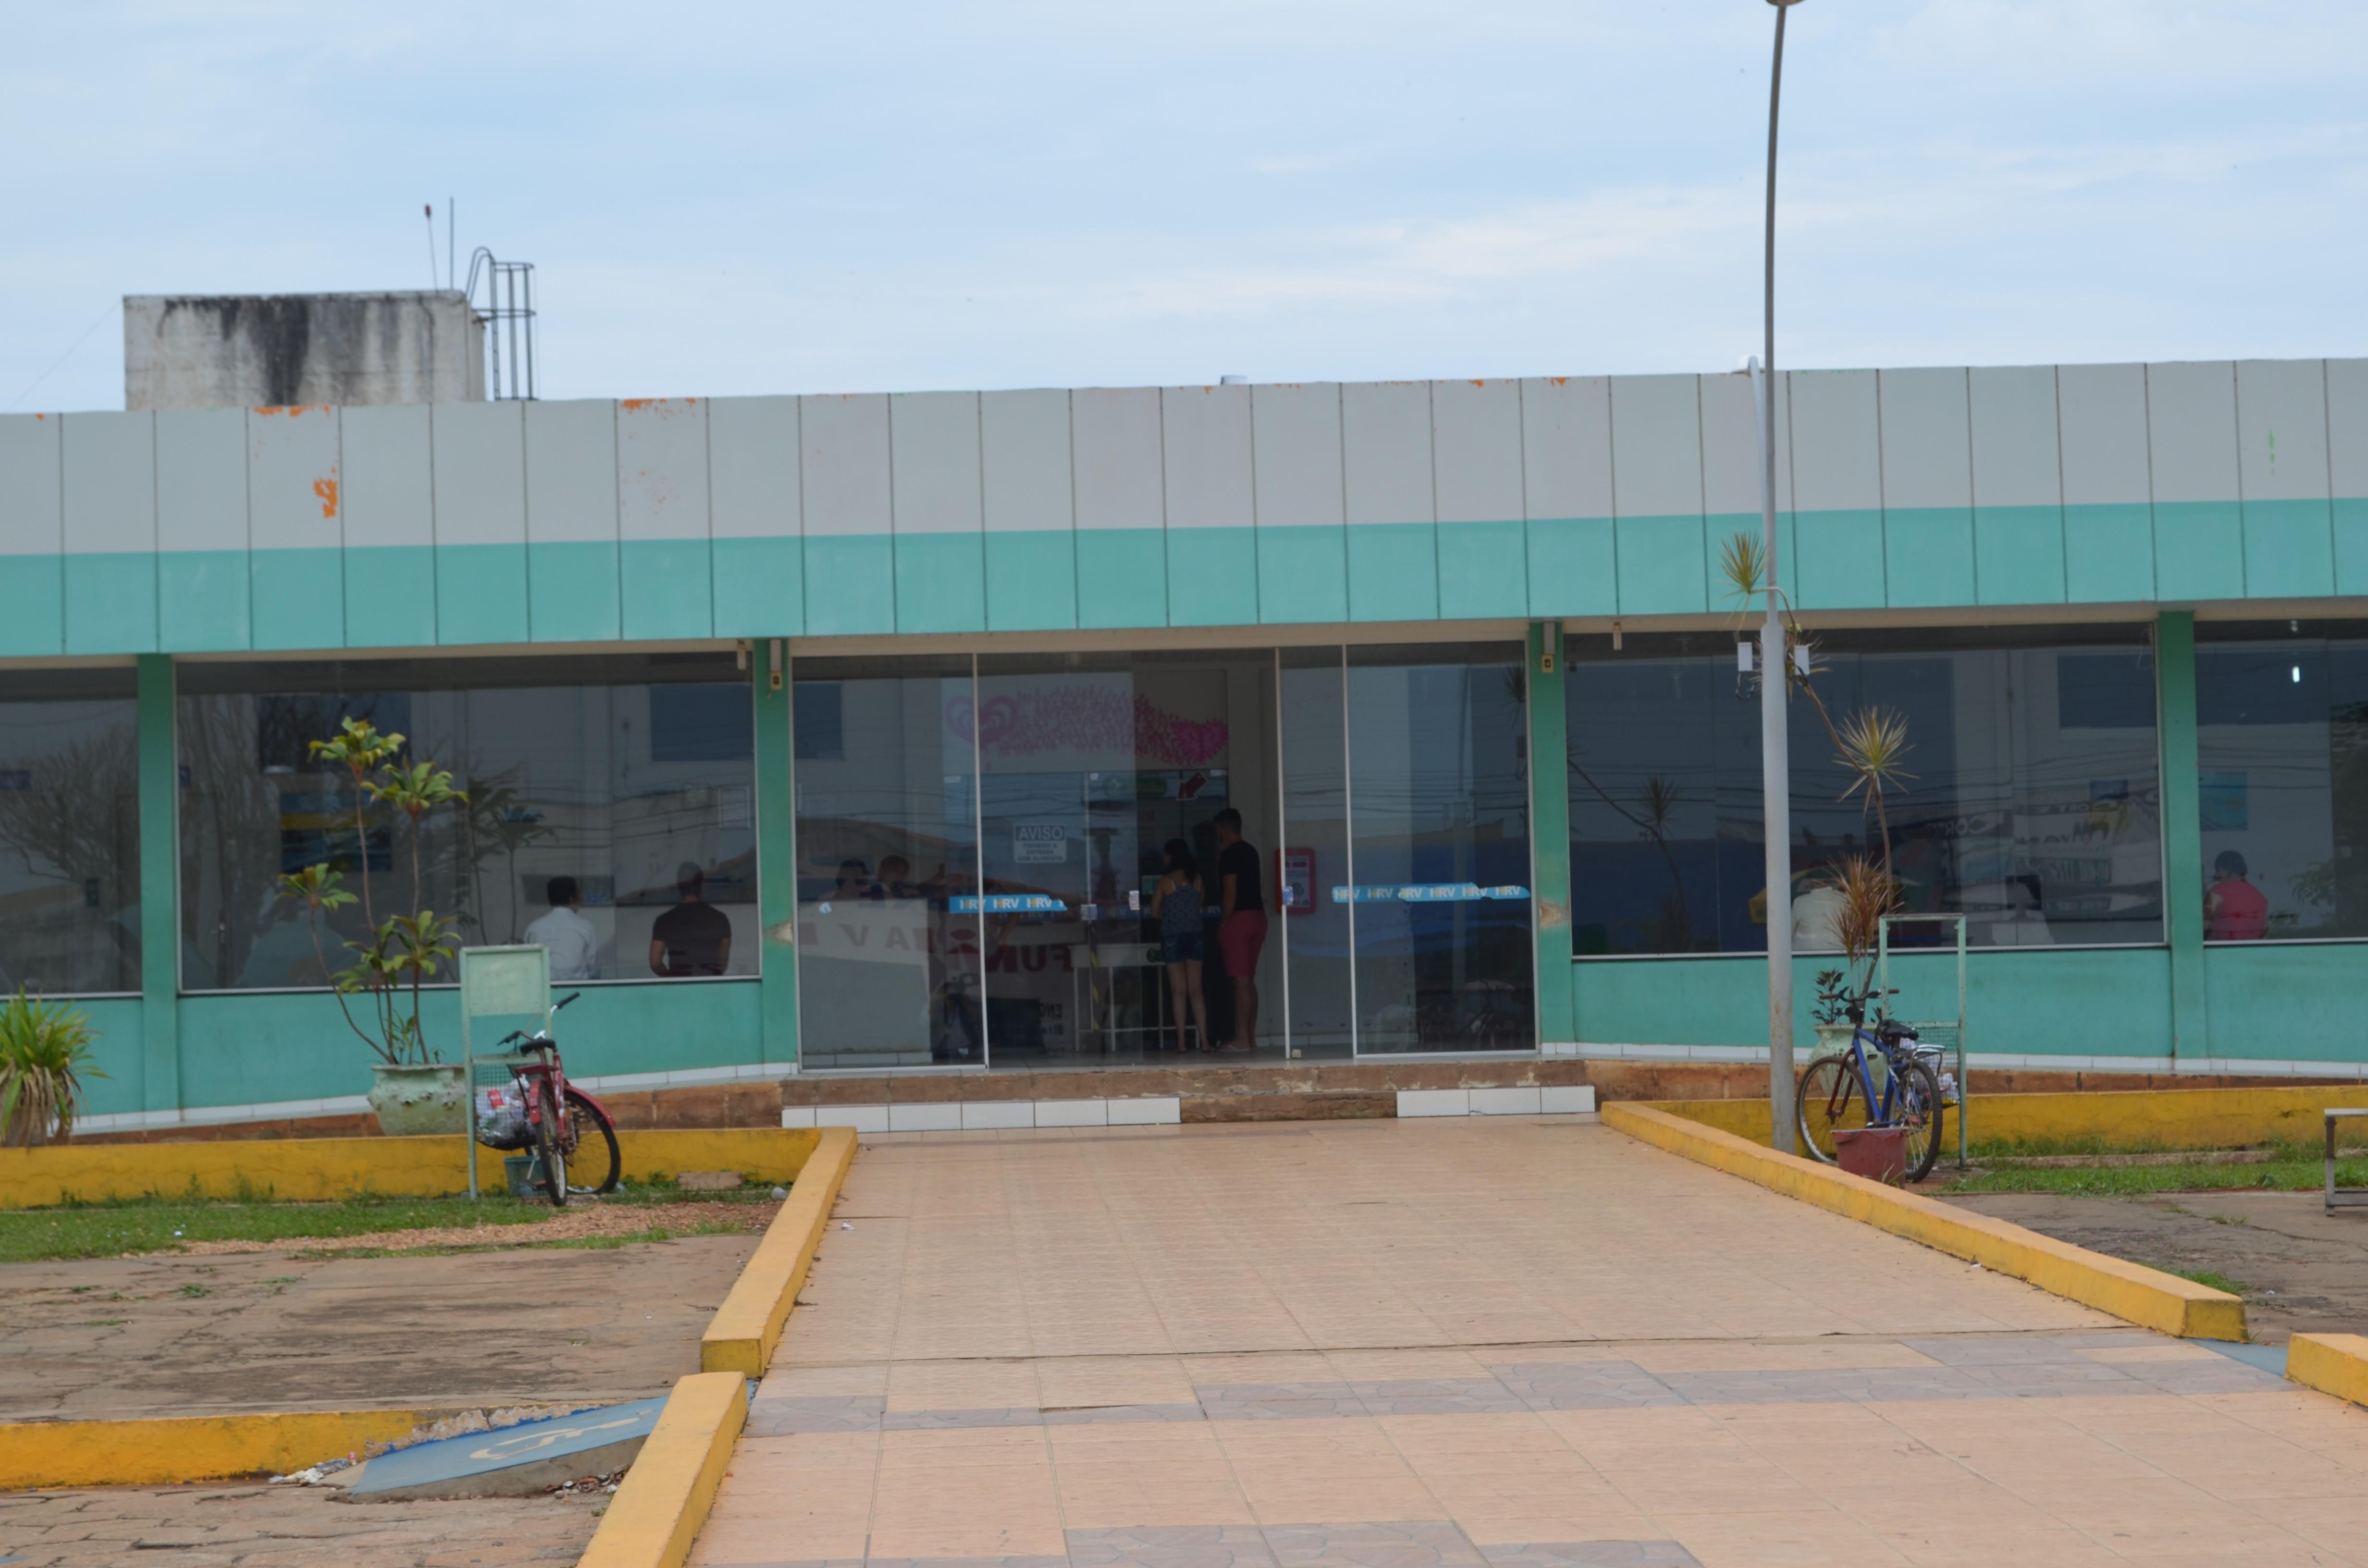 Intubação de idosos com Covid-19 cai de 80% para 8% em Vilhena, RO, diz prefeitura